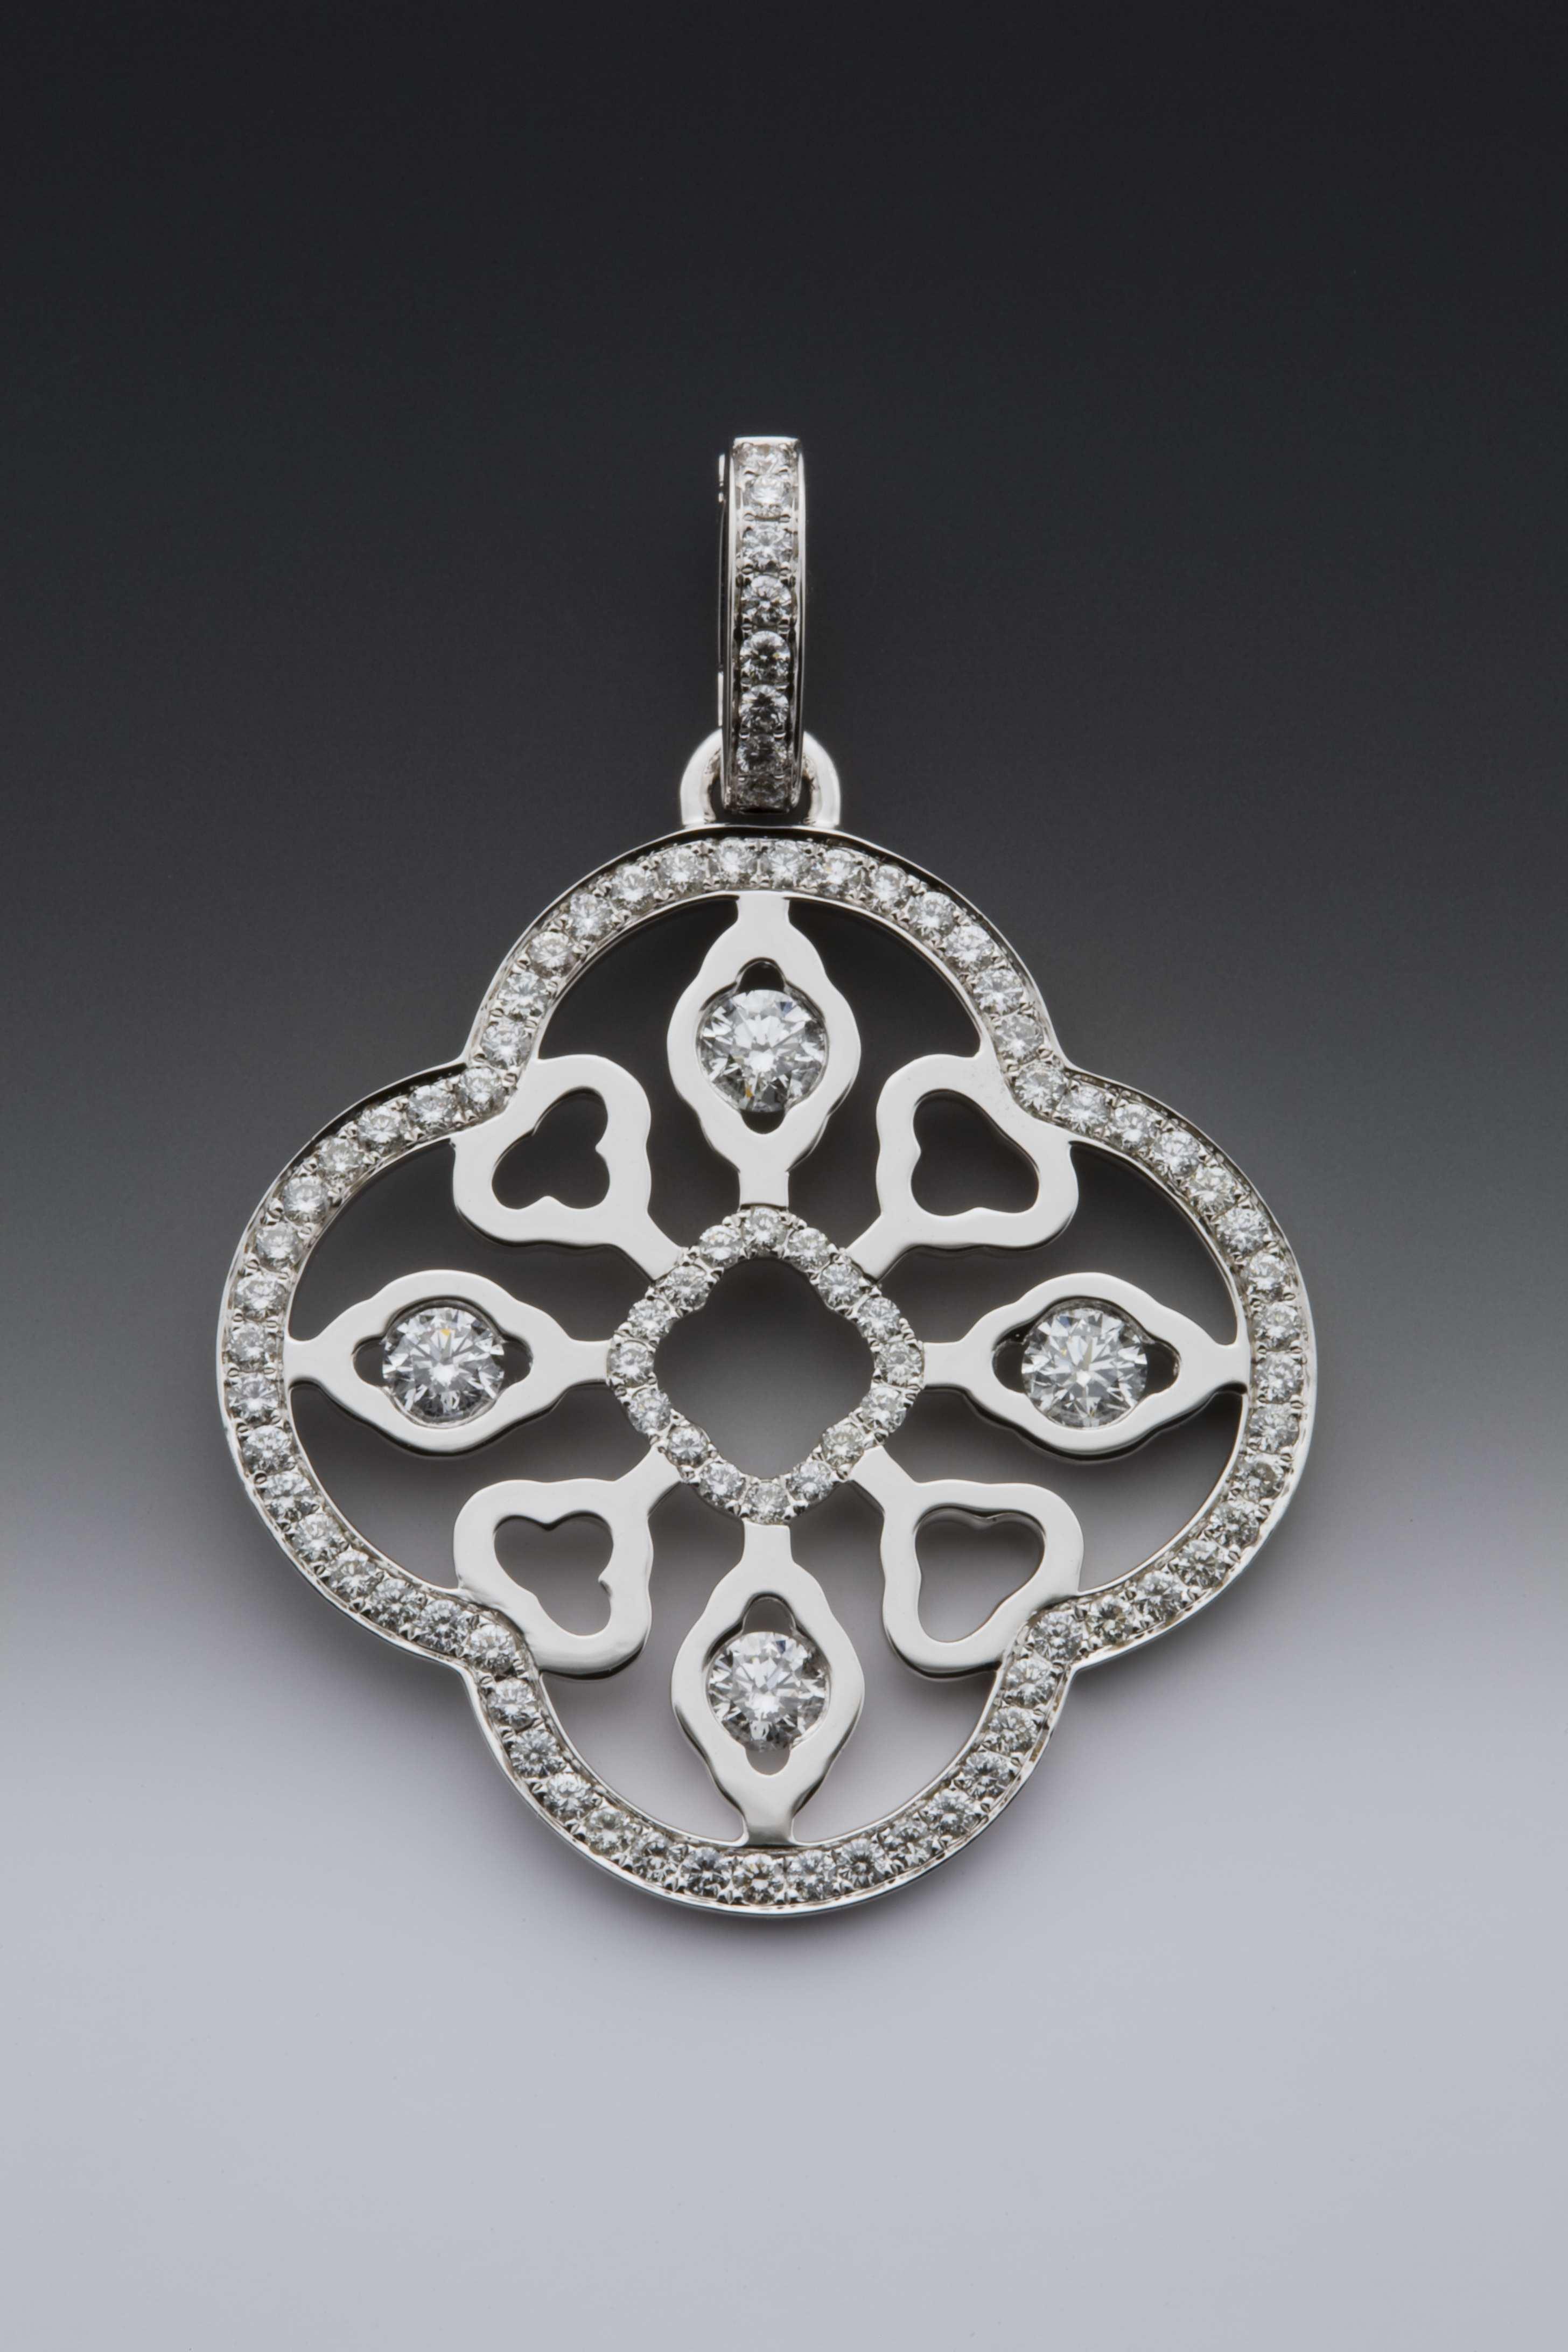 Bernadine Design Co Launches Lattice Jewelry Collection